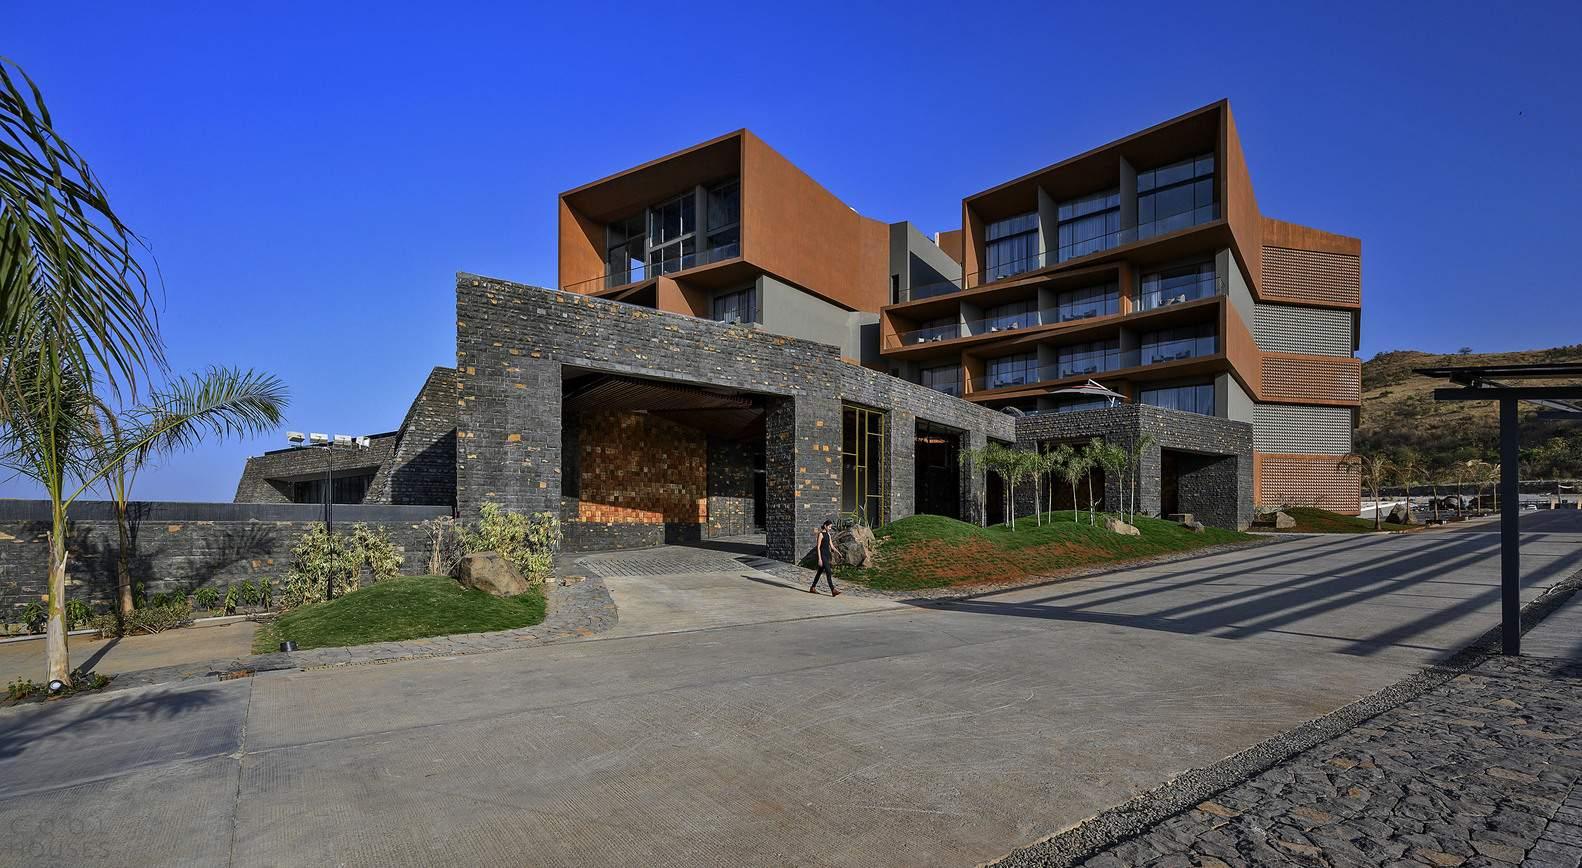 Новый отель «Ария» с современным стильным дизайном, Индия